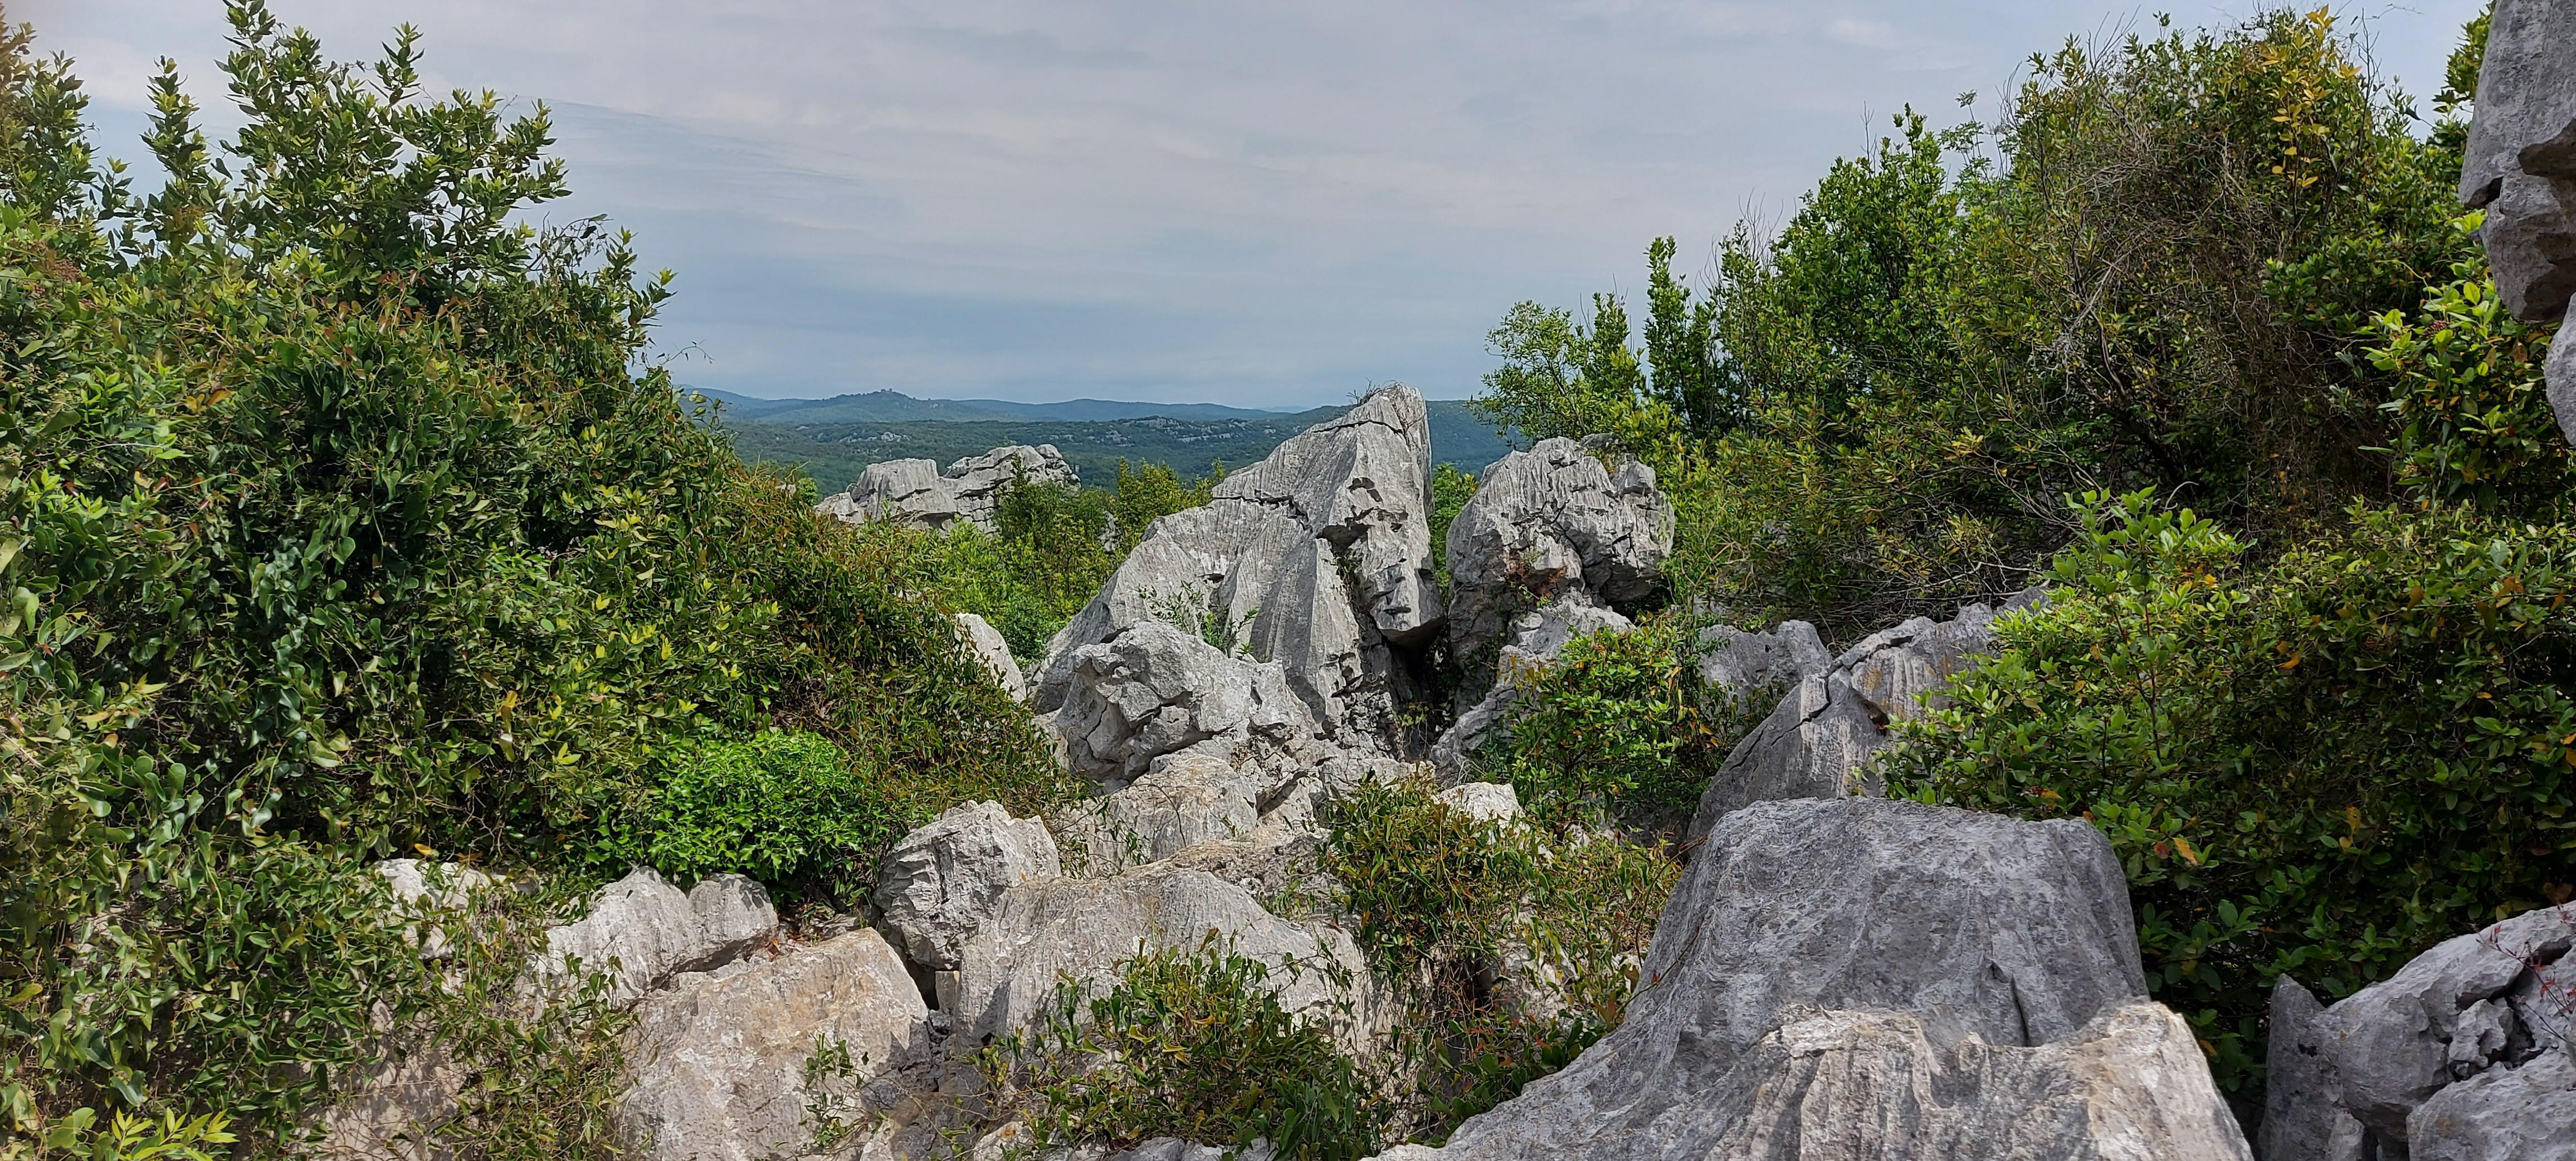 sentier mer des rochers